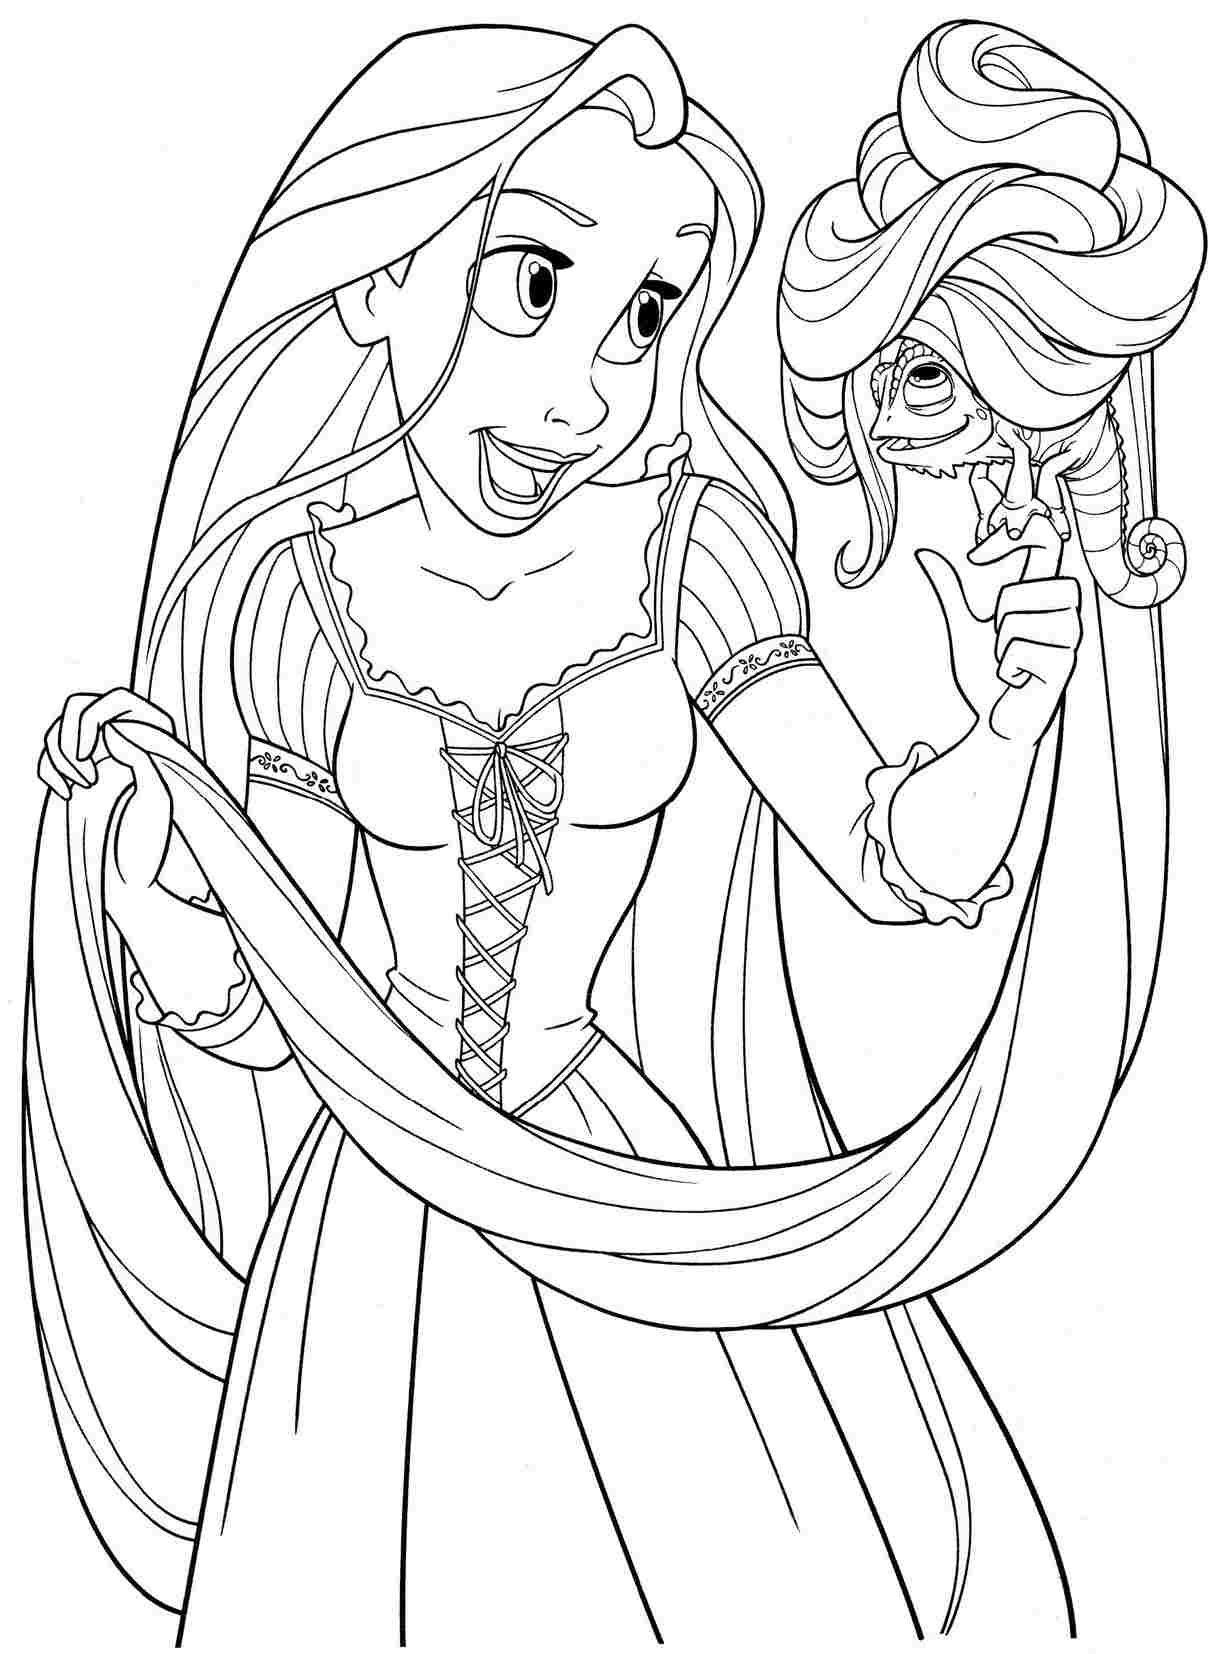 Tô Màu Công Chúa Toc May Rapunzel 28